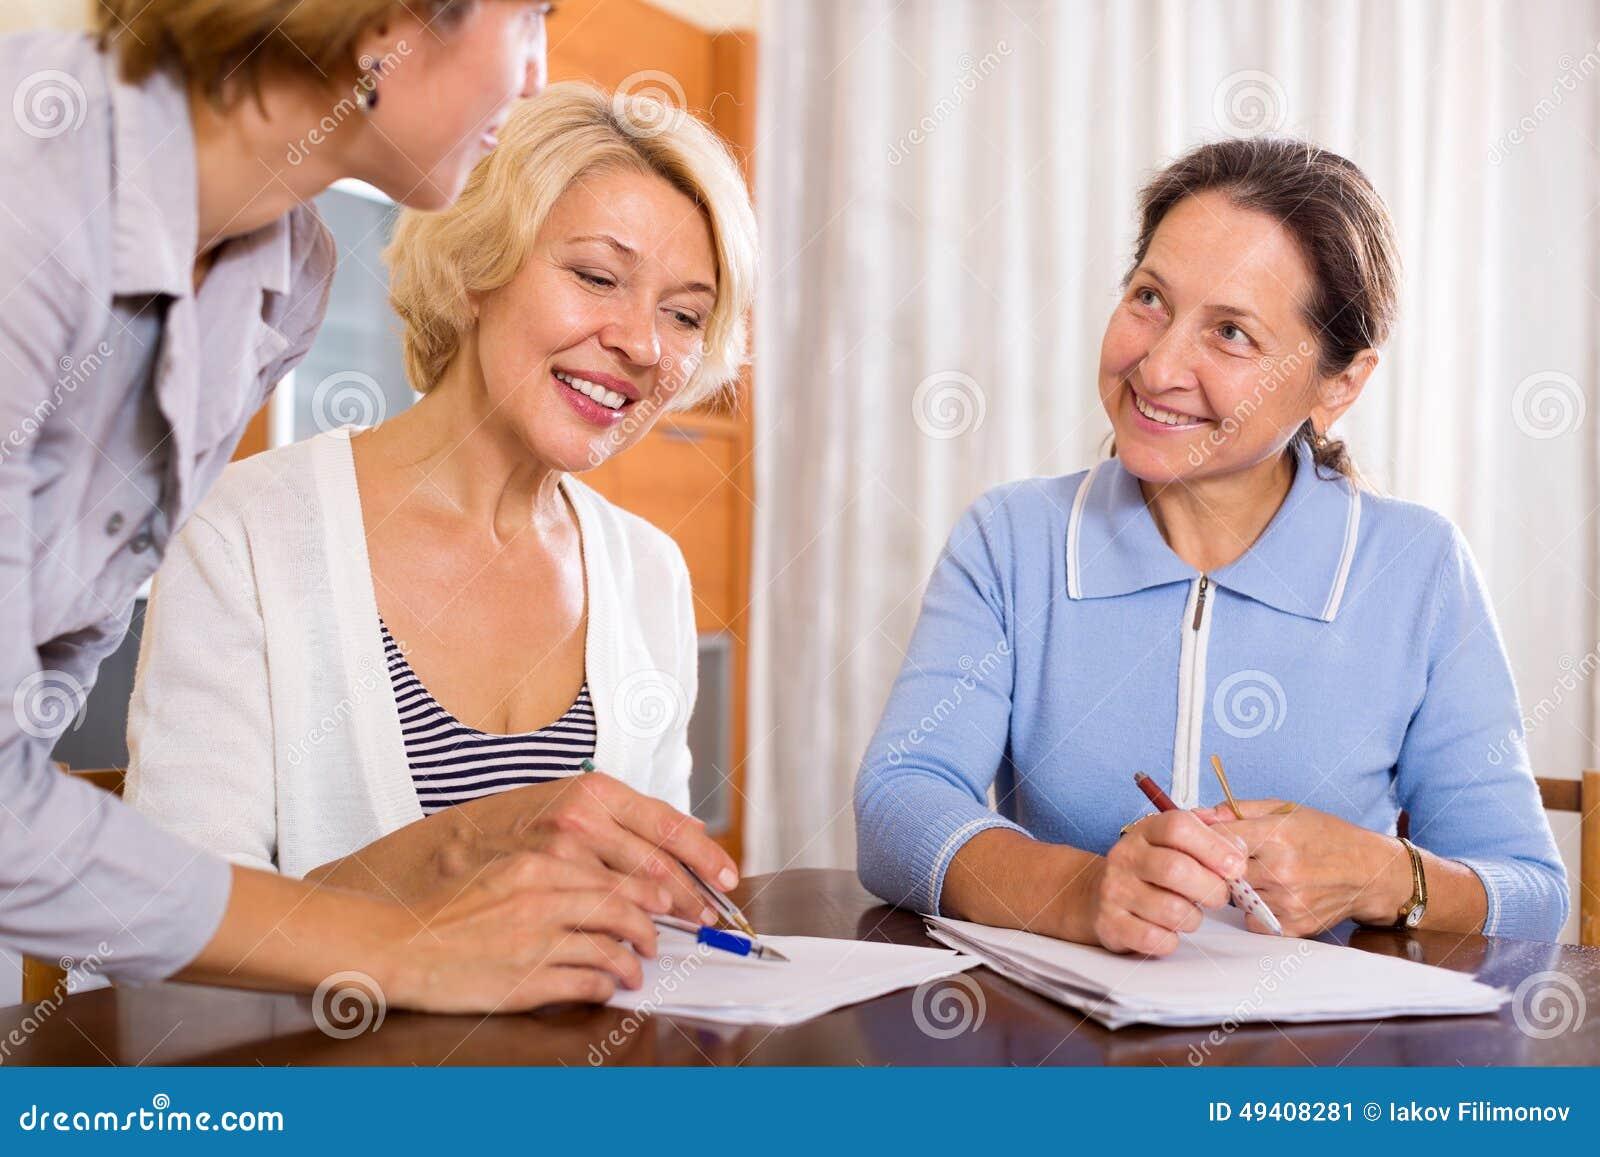 Download Frauen, Die Am Versicherungsagenten Sich Beraten Stockbild - Bild von europäisch, positiv: 49408281